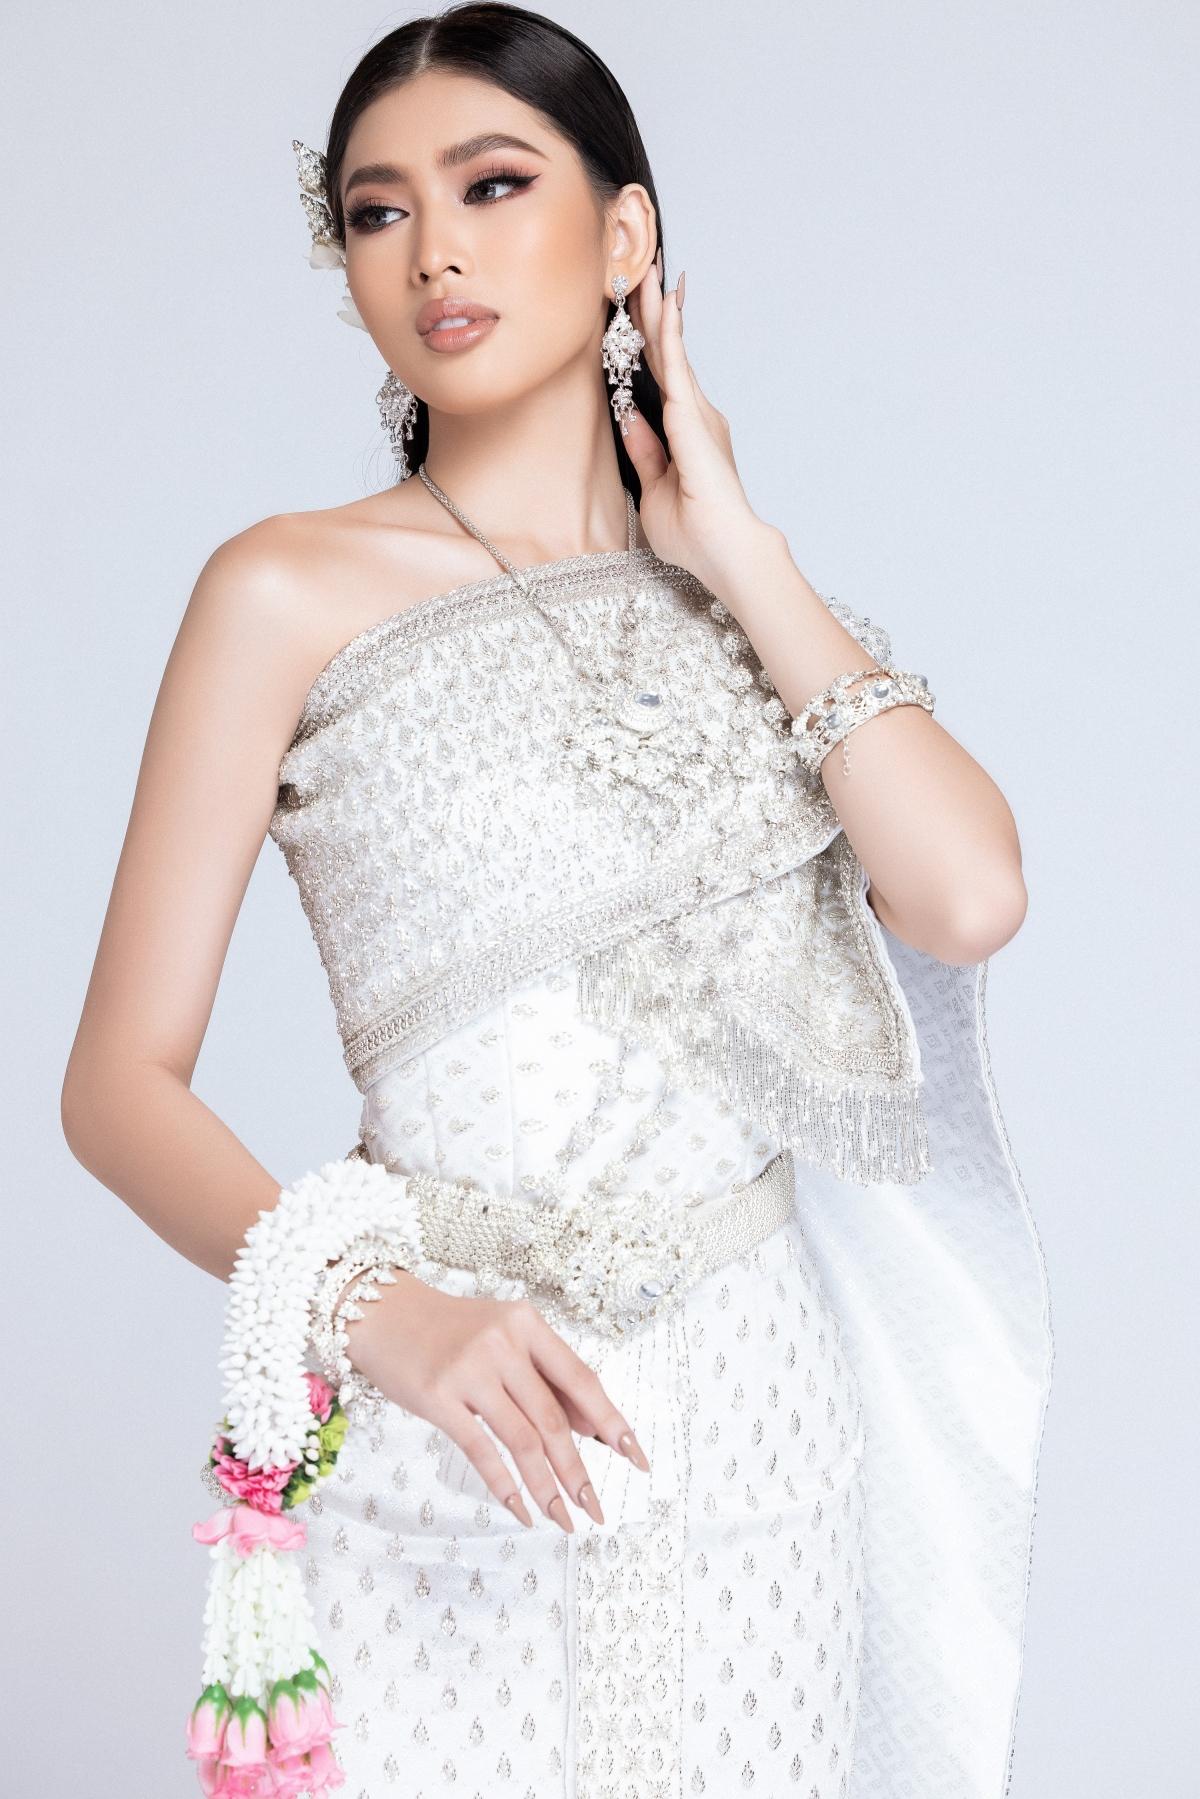 Nhằm hưởng ứng thử thách và gia tăng độ hot cho phần thi này, Ngọc Thảo đã đăng tải bộ ảnh mới toanh trong trang phục truyền thống của Thái Lan - Thai Chakkri.